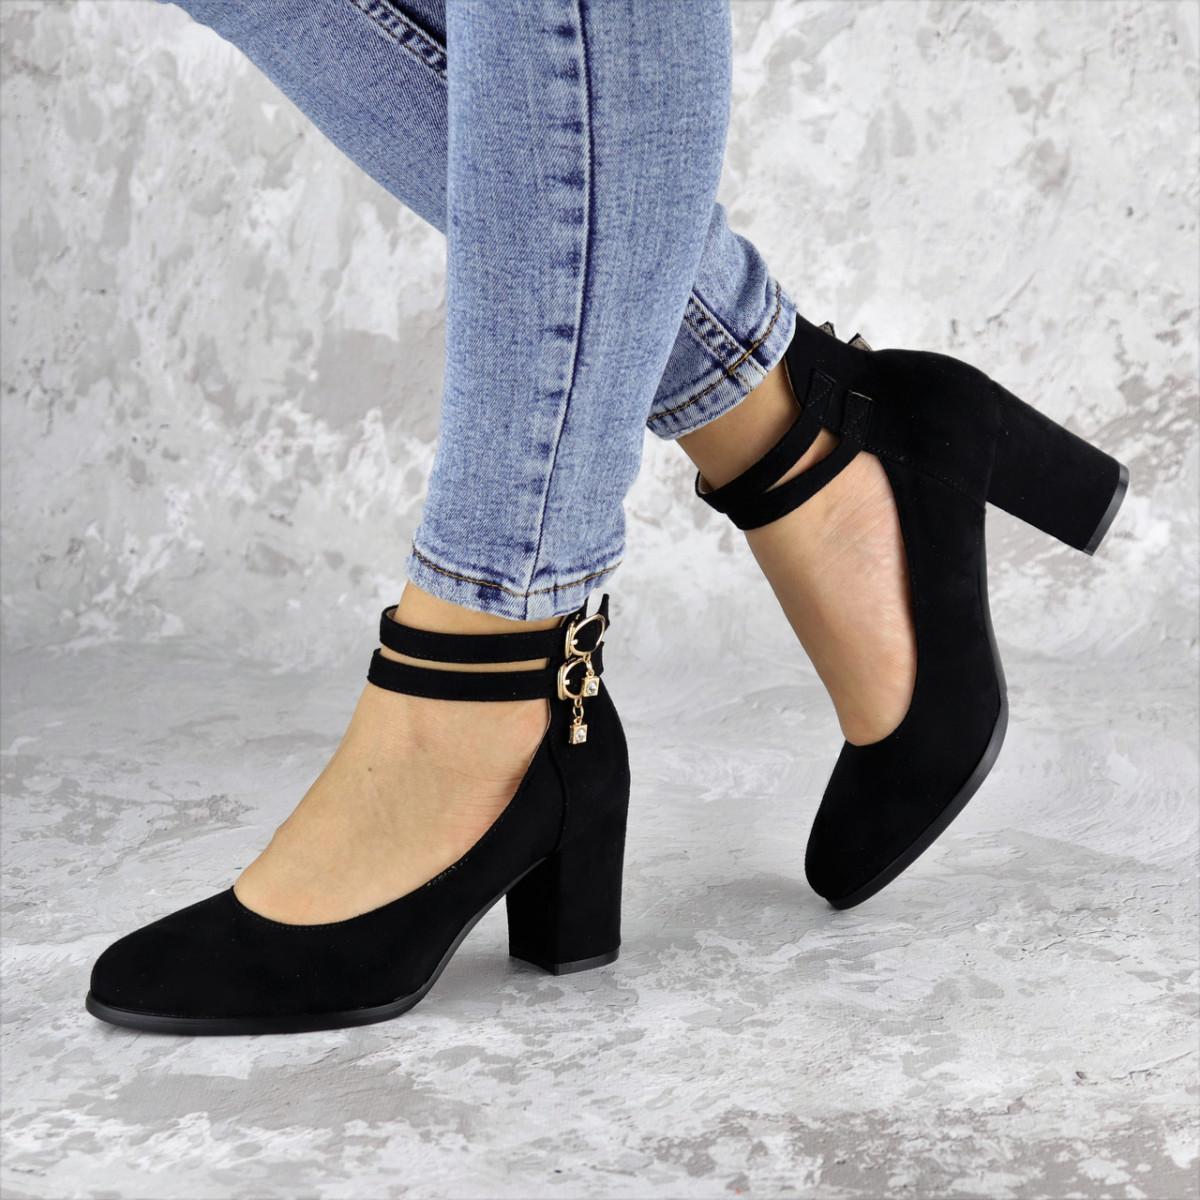 Туфли женские на каблуке черные Pebbles 2146 (36 размер)